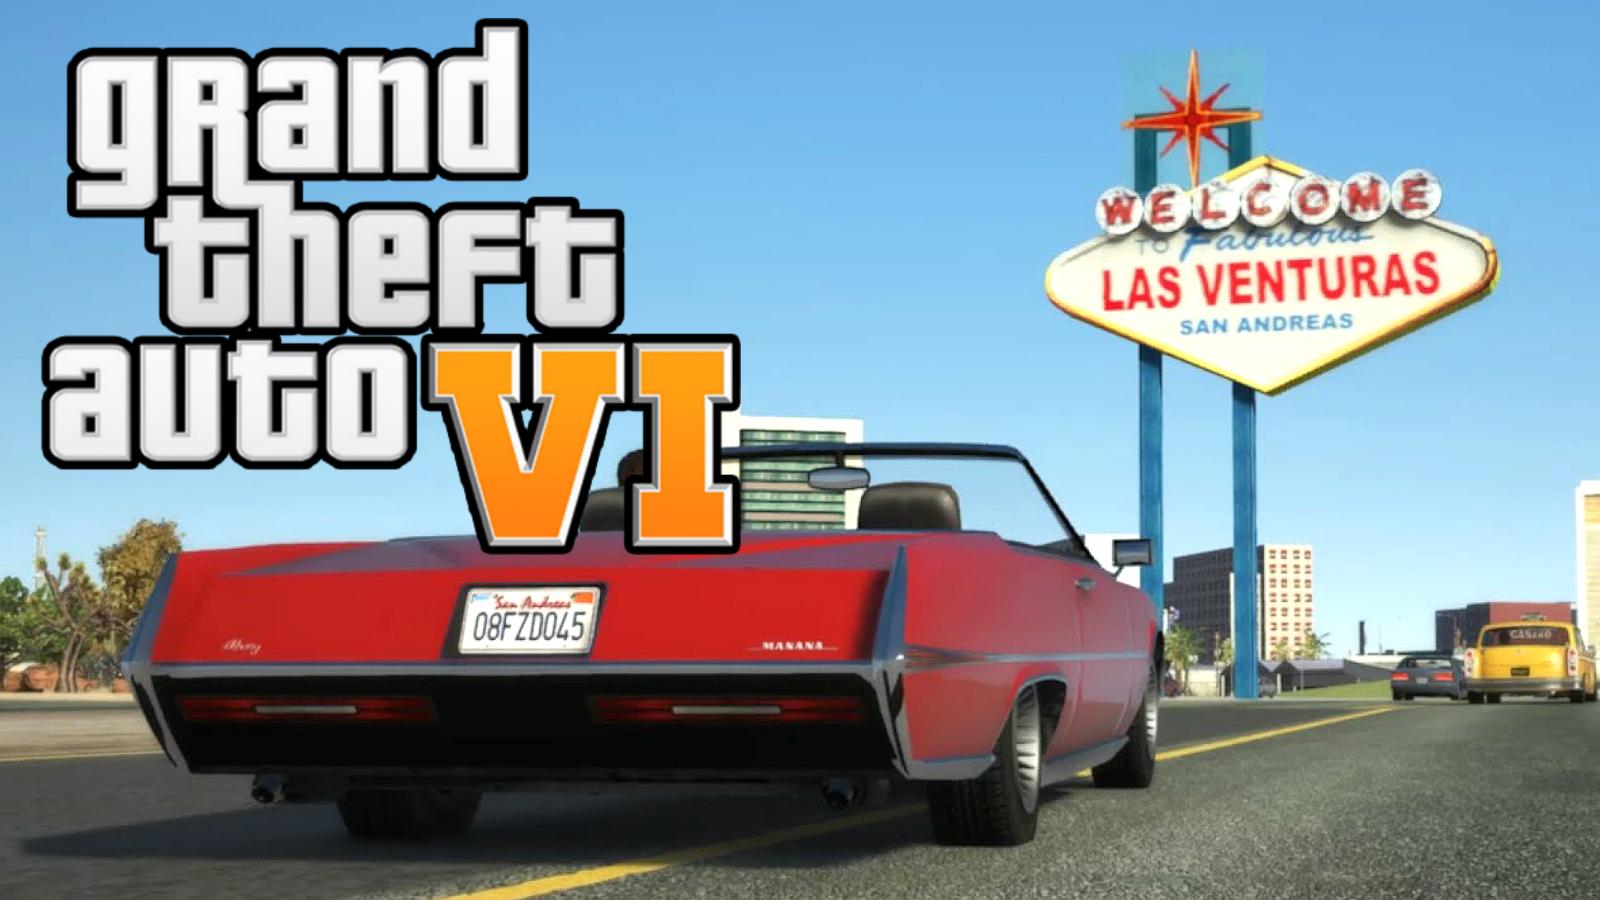 Las Venturas sign in GTA 6